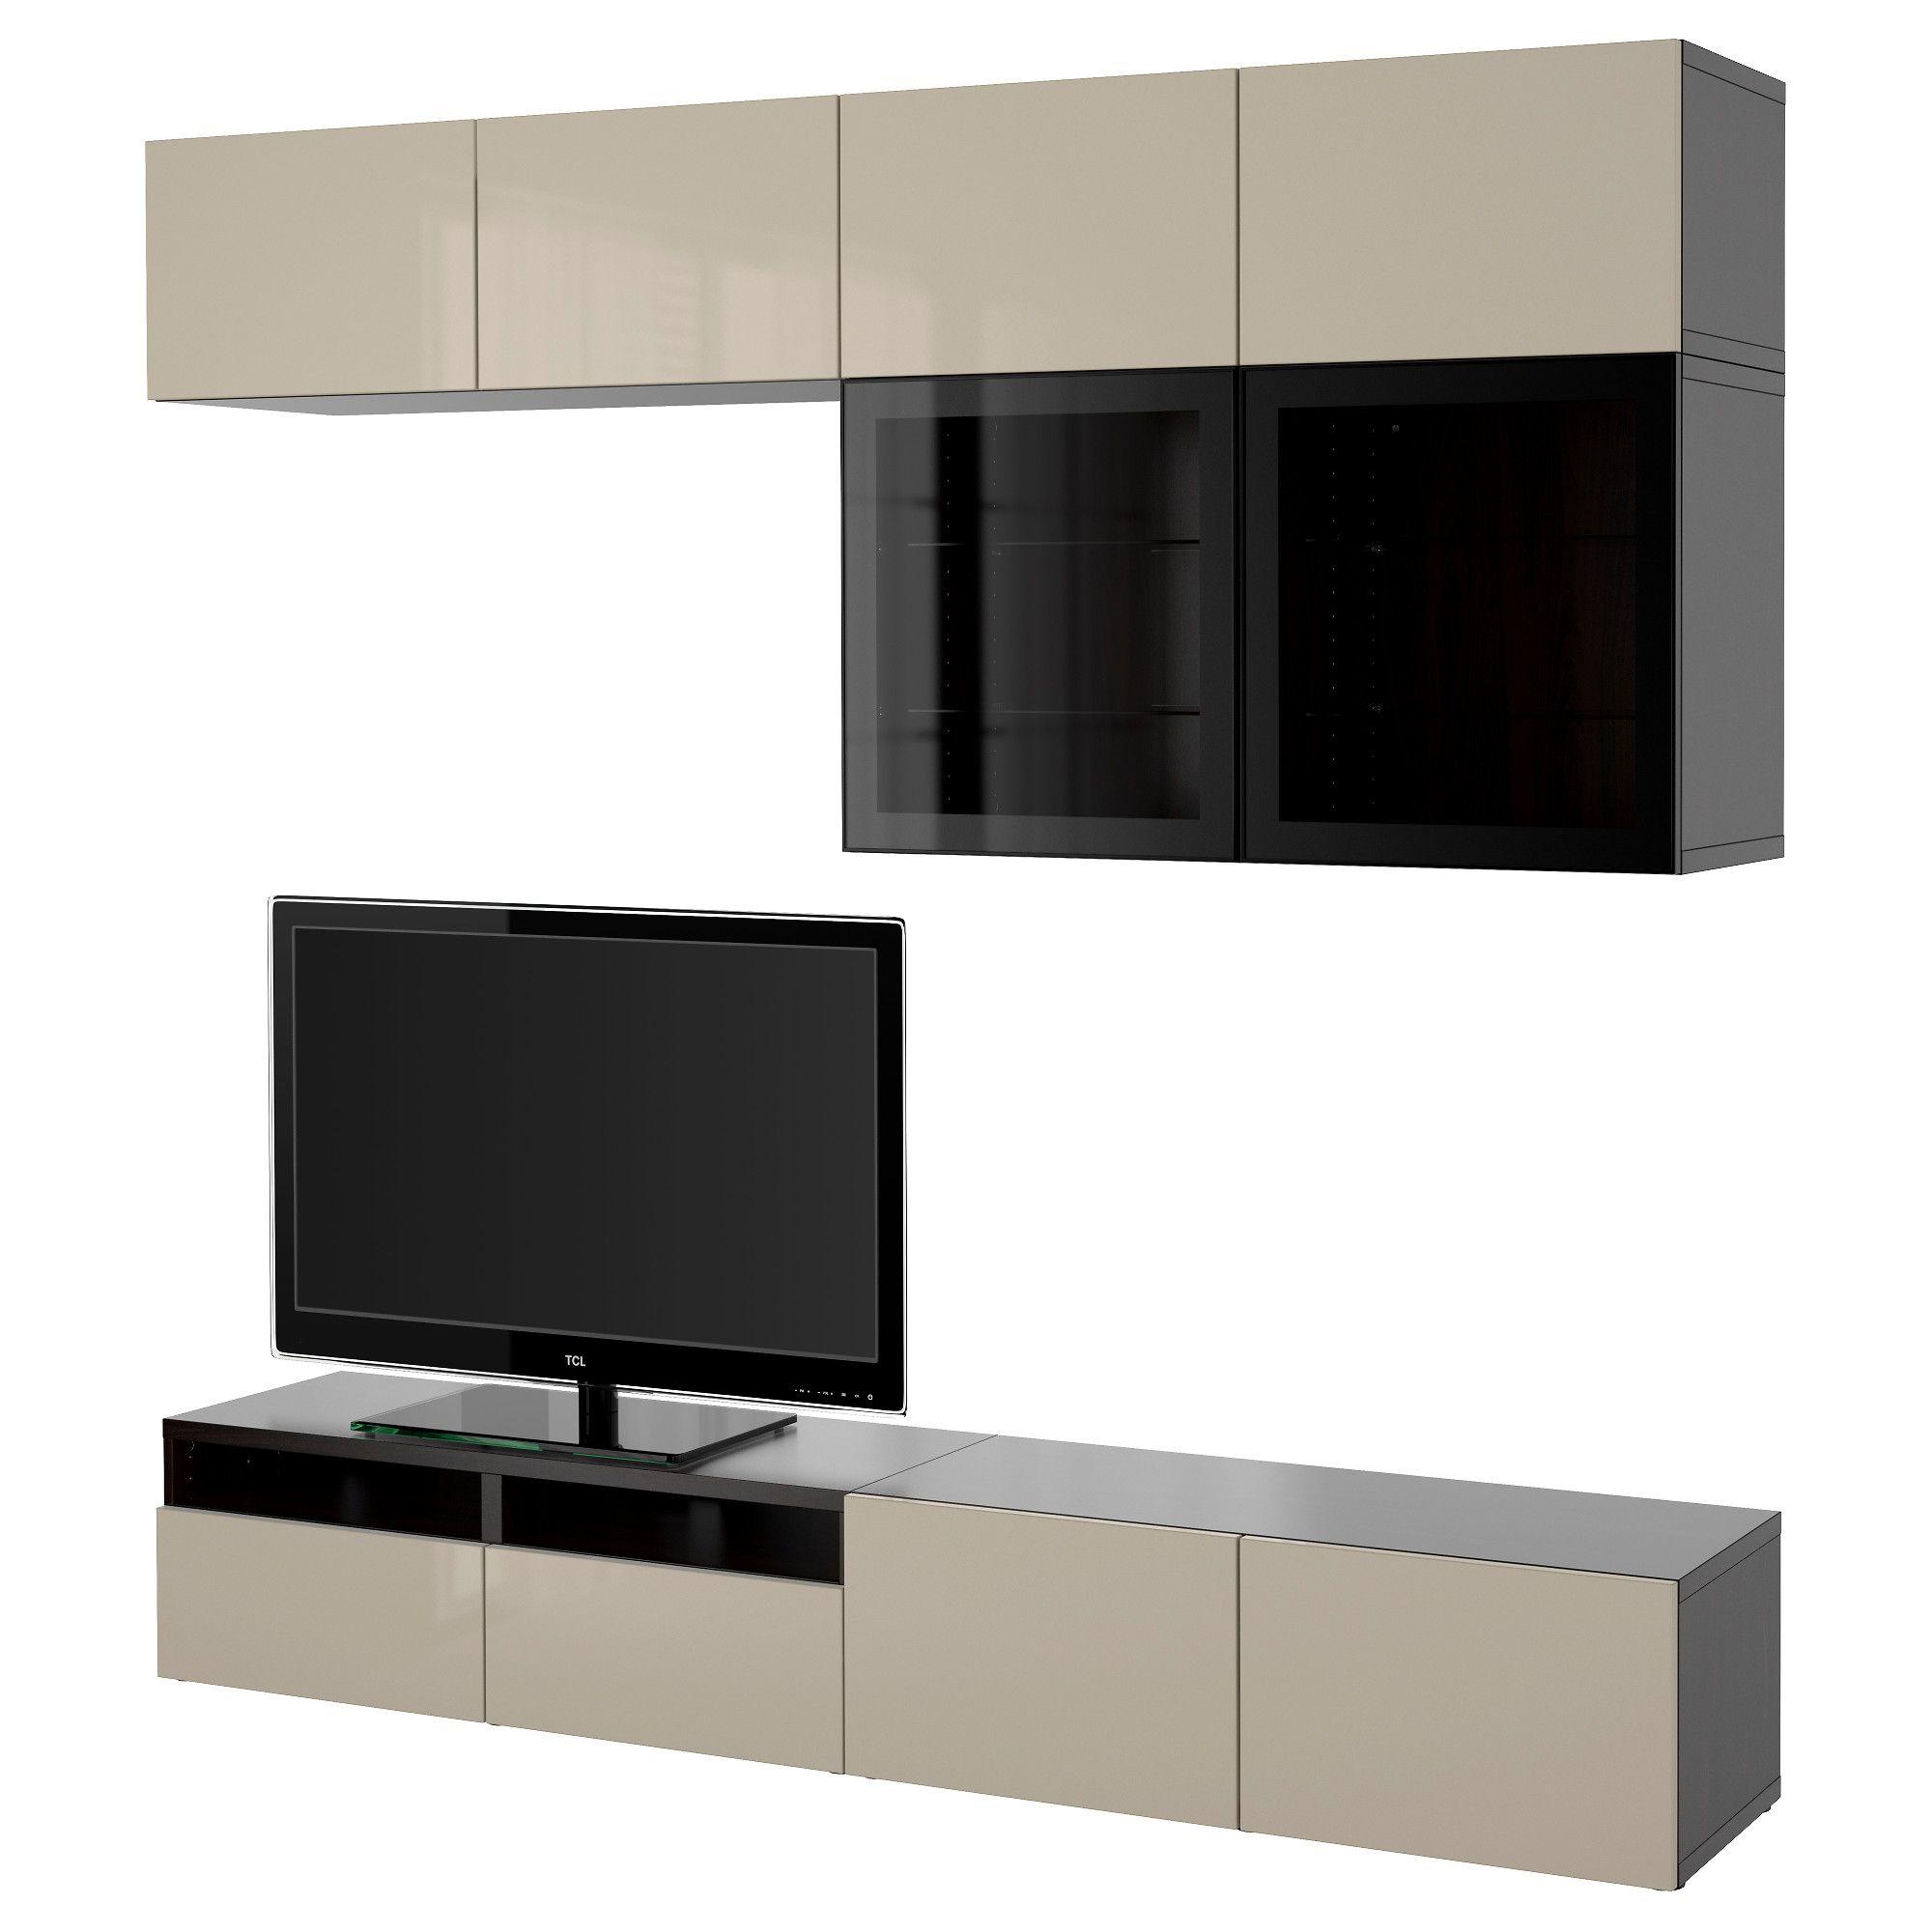 Ikea Besta Tv Storage Combination Glass Doors Black Brown Selsviken Tv Room Design Tv Storage Ikea